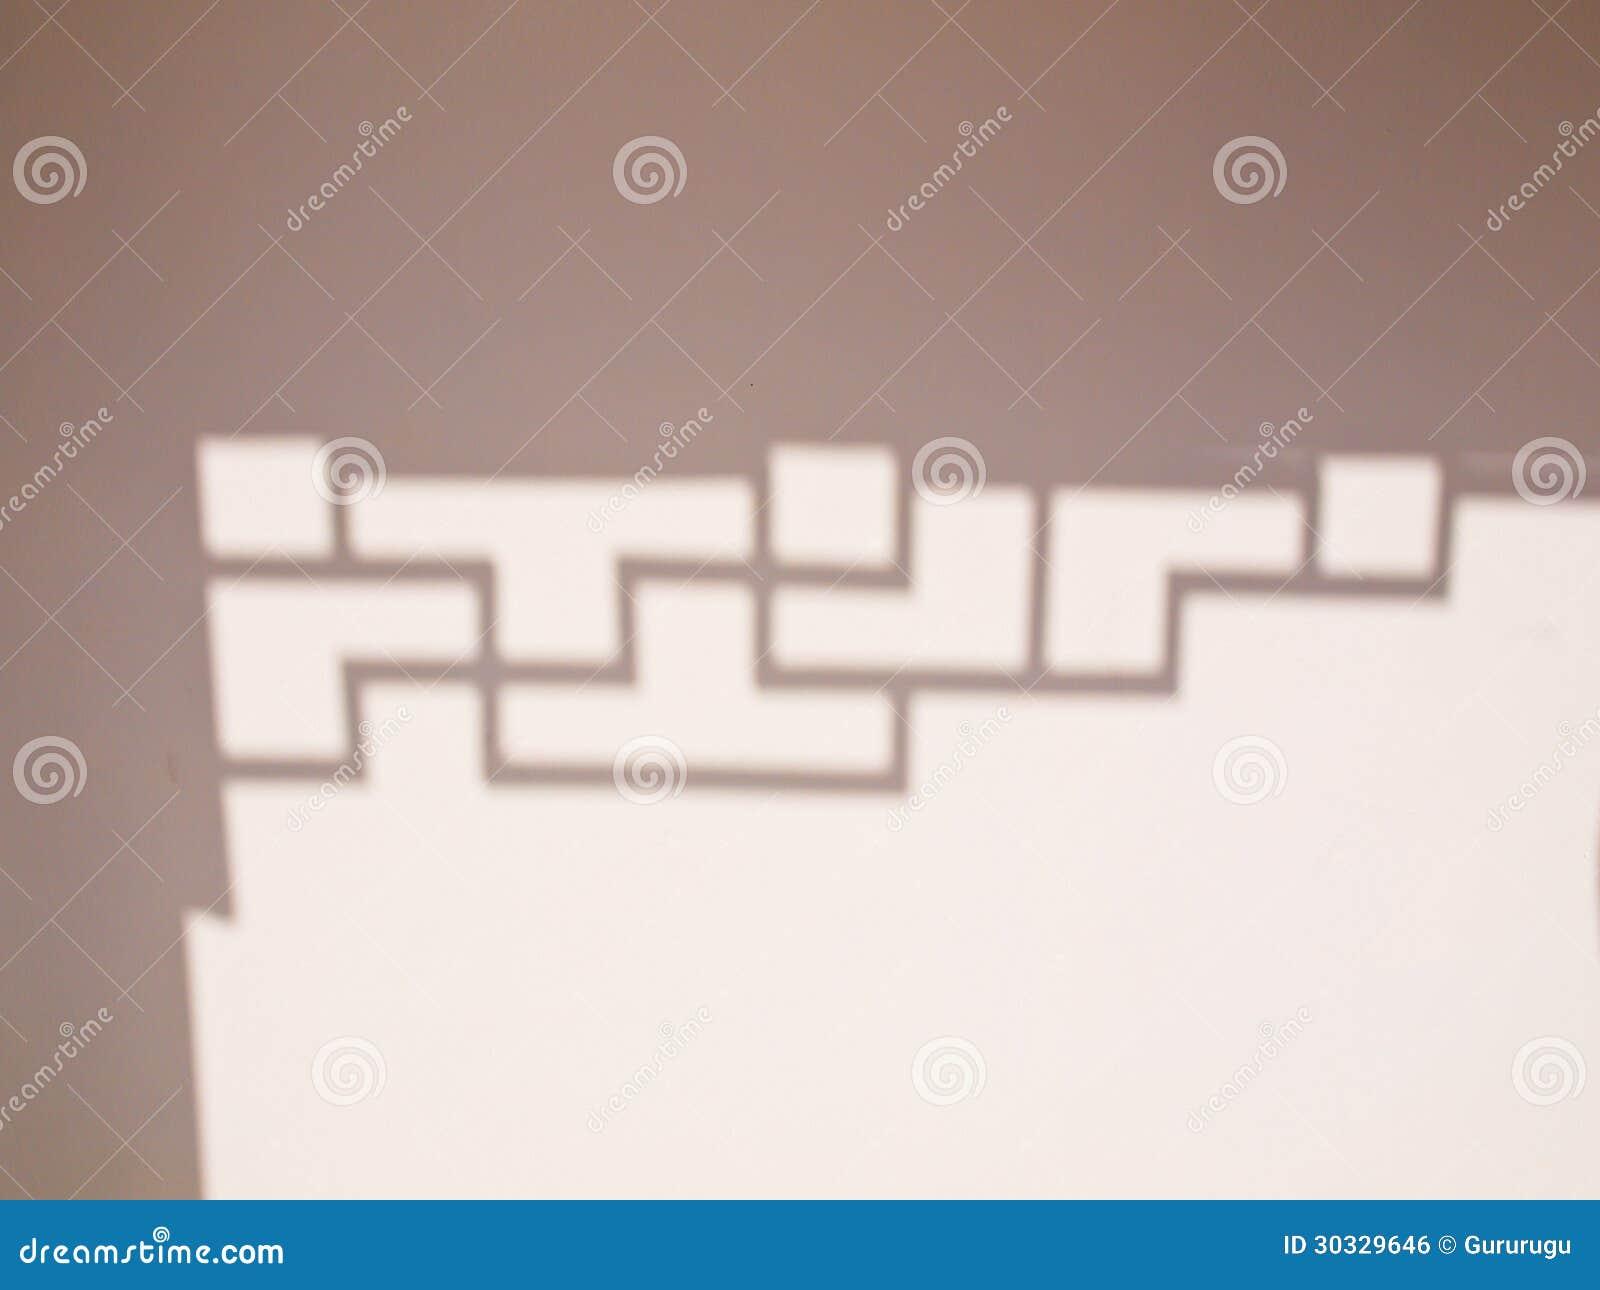 中国装饰的阴影在墙壁上的从Sirindhon中国人崇拜